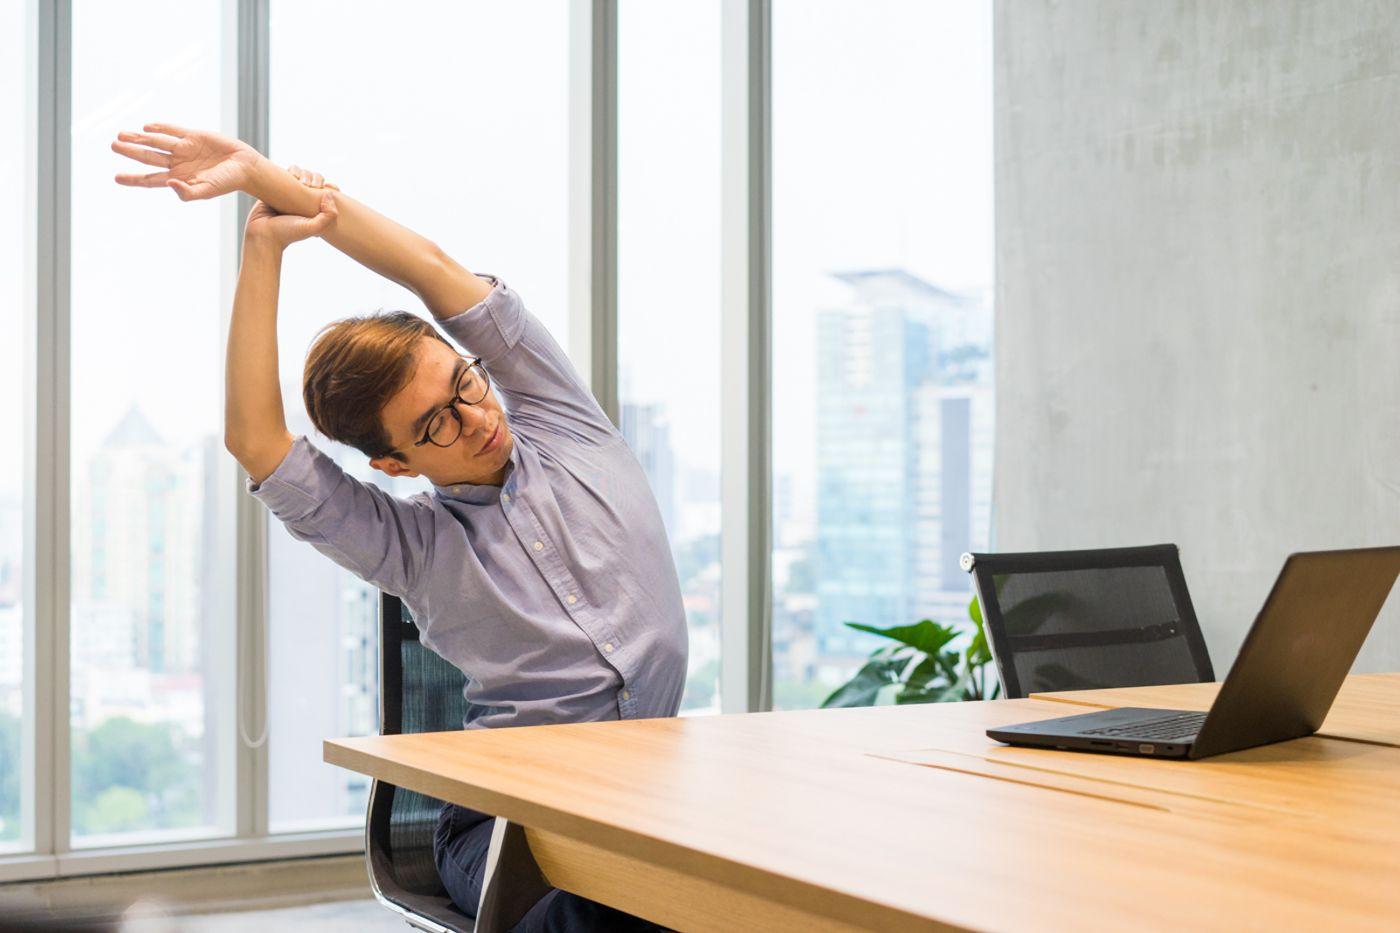 bài tập thể dục tại chỗ hiệu quả cho dân văn phòng